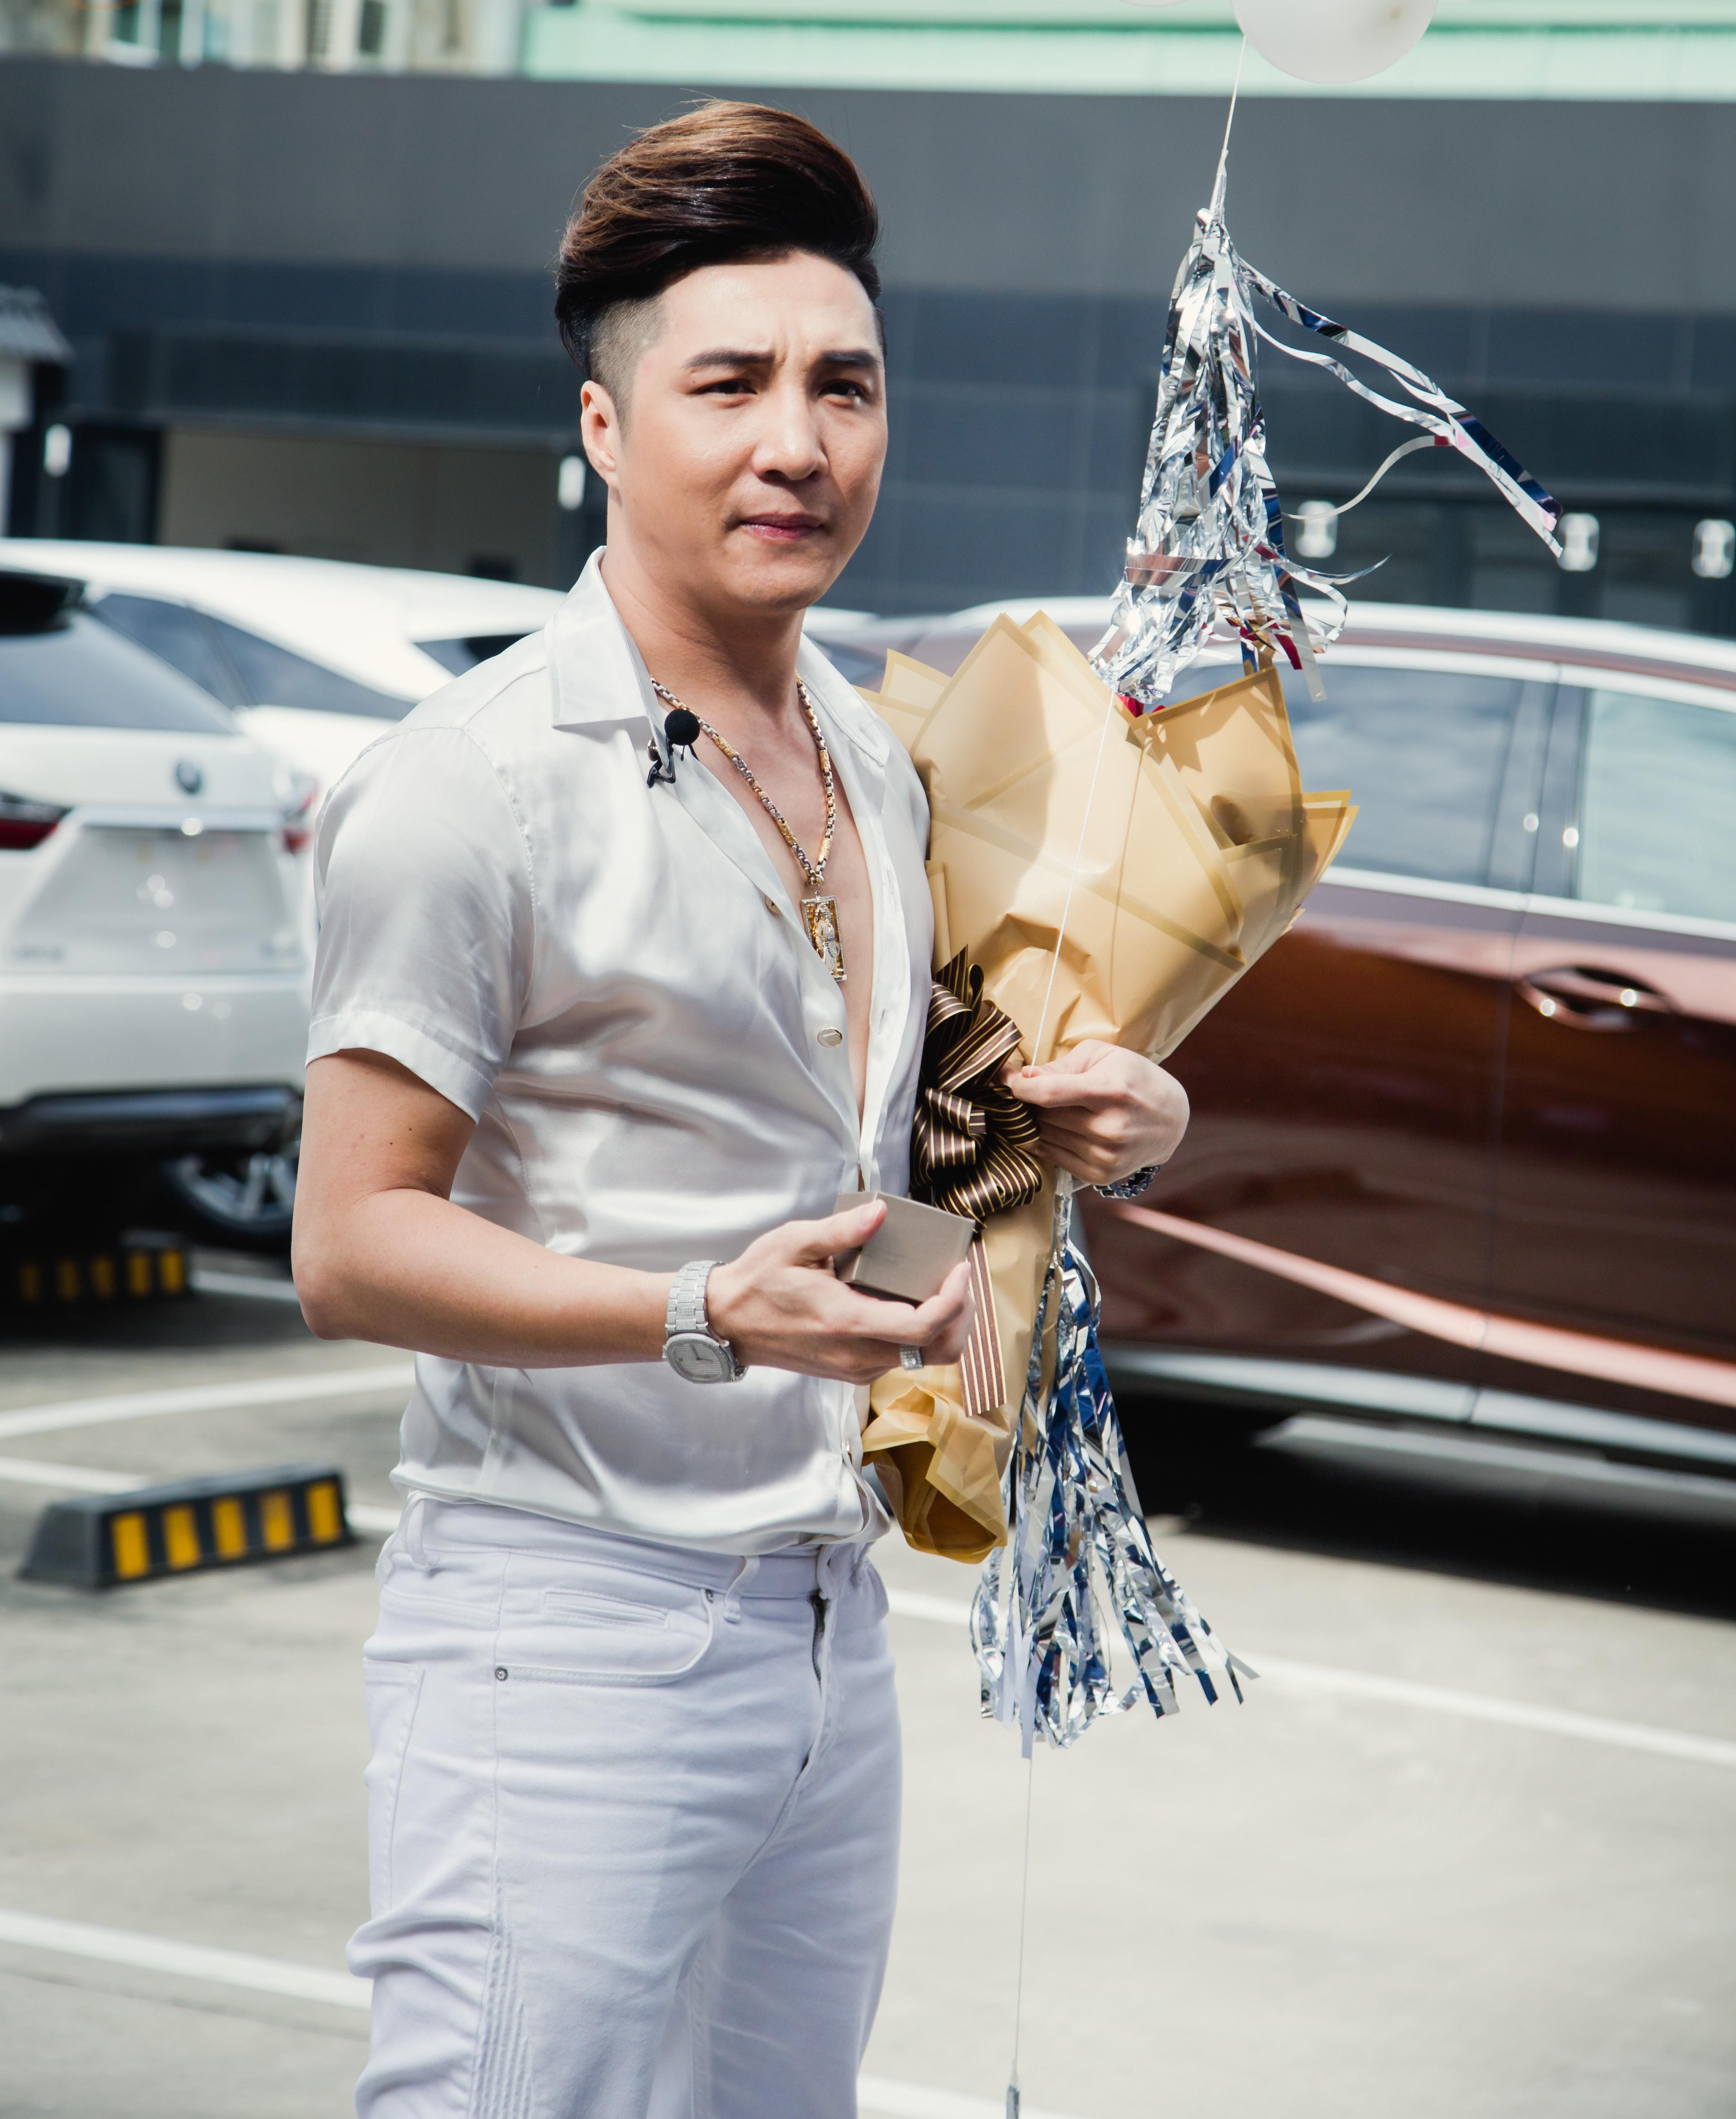 Ca sĩ Lâm Chấn Khang bất ngờ cầu hôn Kim Jun See sau 17 năm bên nhau, tặng xe tiền tỷ và nhẫn kim cương 2